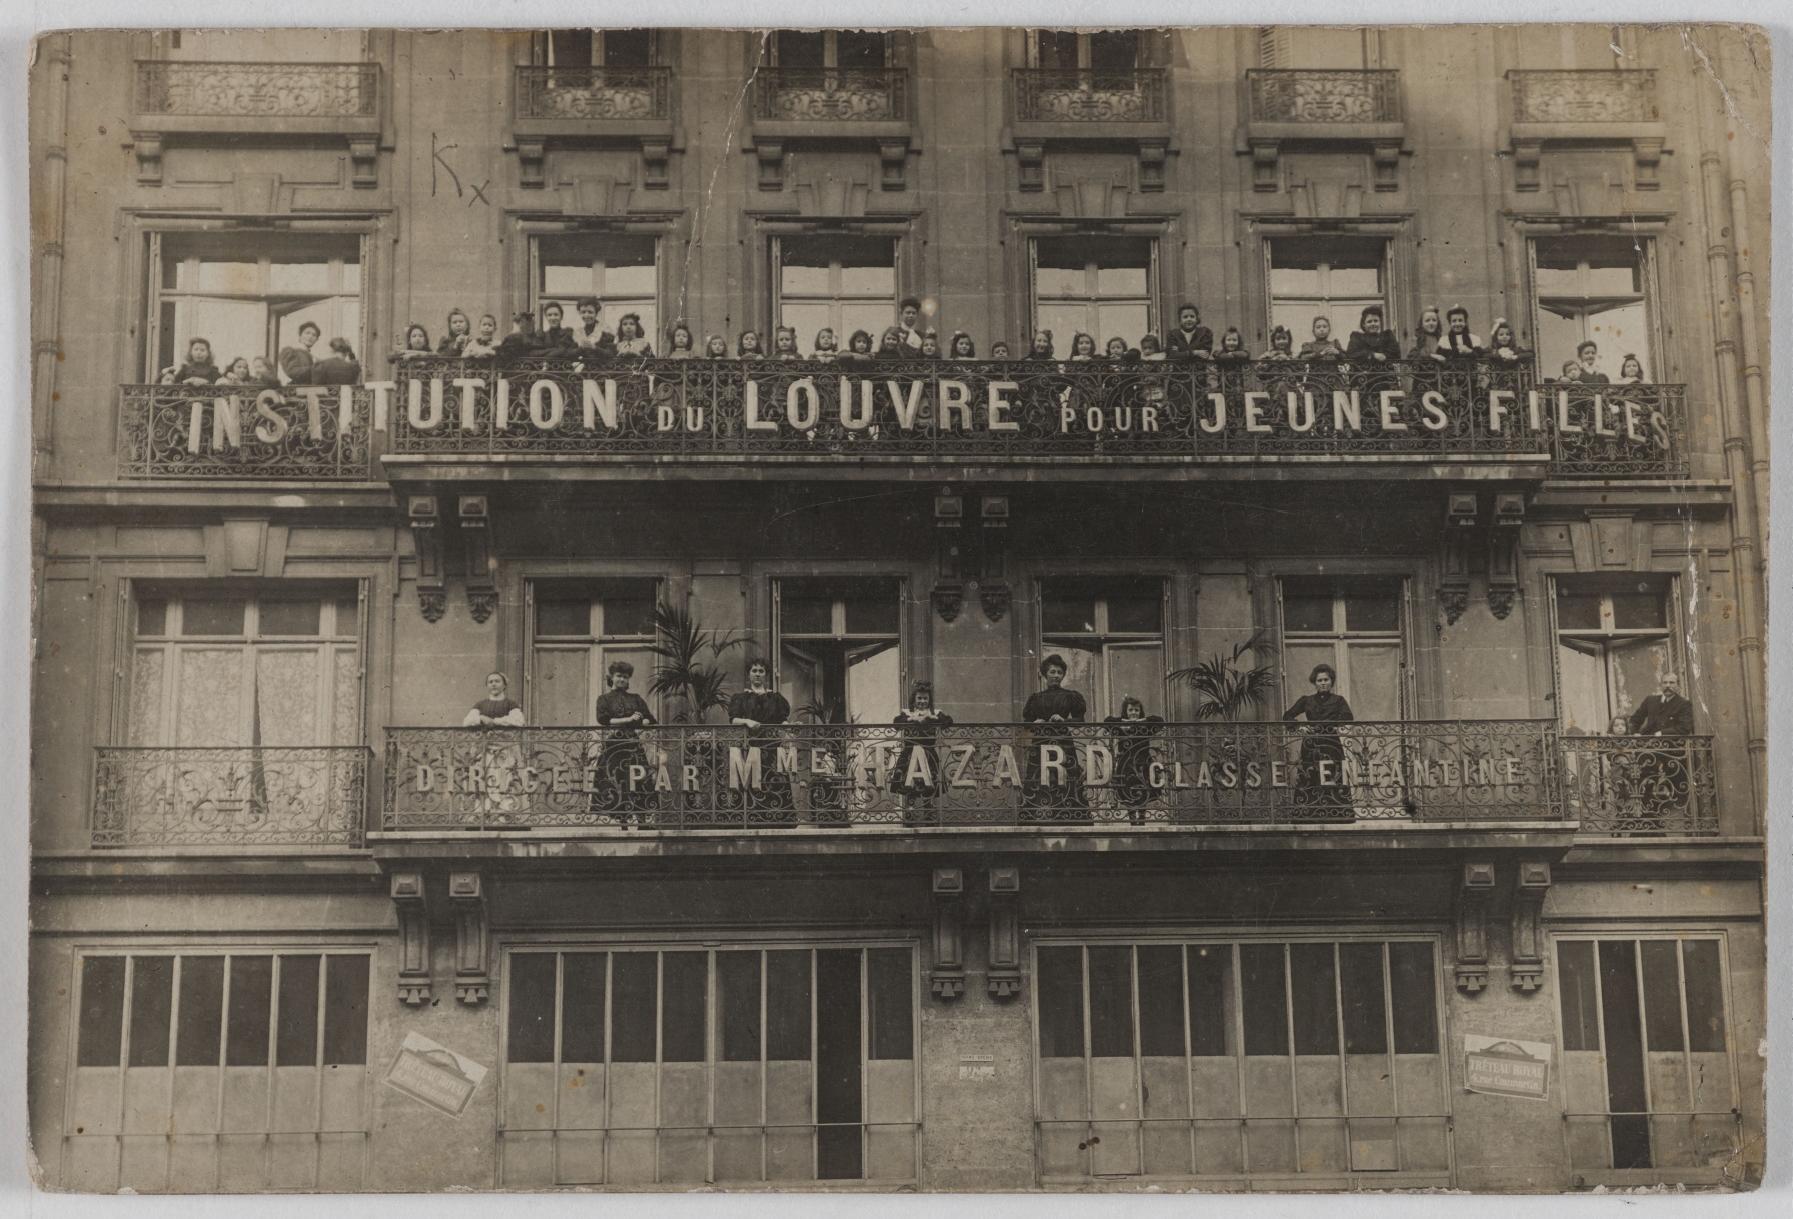 1905-1915. Школа Лувра для молодых девушек, дом мадам Азар. 62, rue Tiquetonne (2-й округ). Сейчас на этом месте коммерческие фирмы